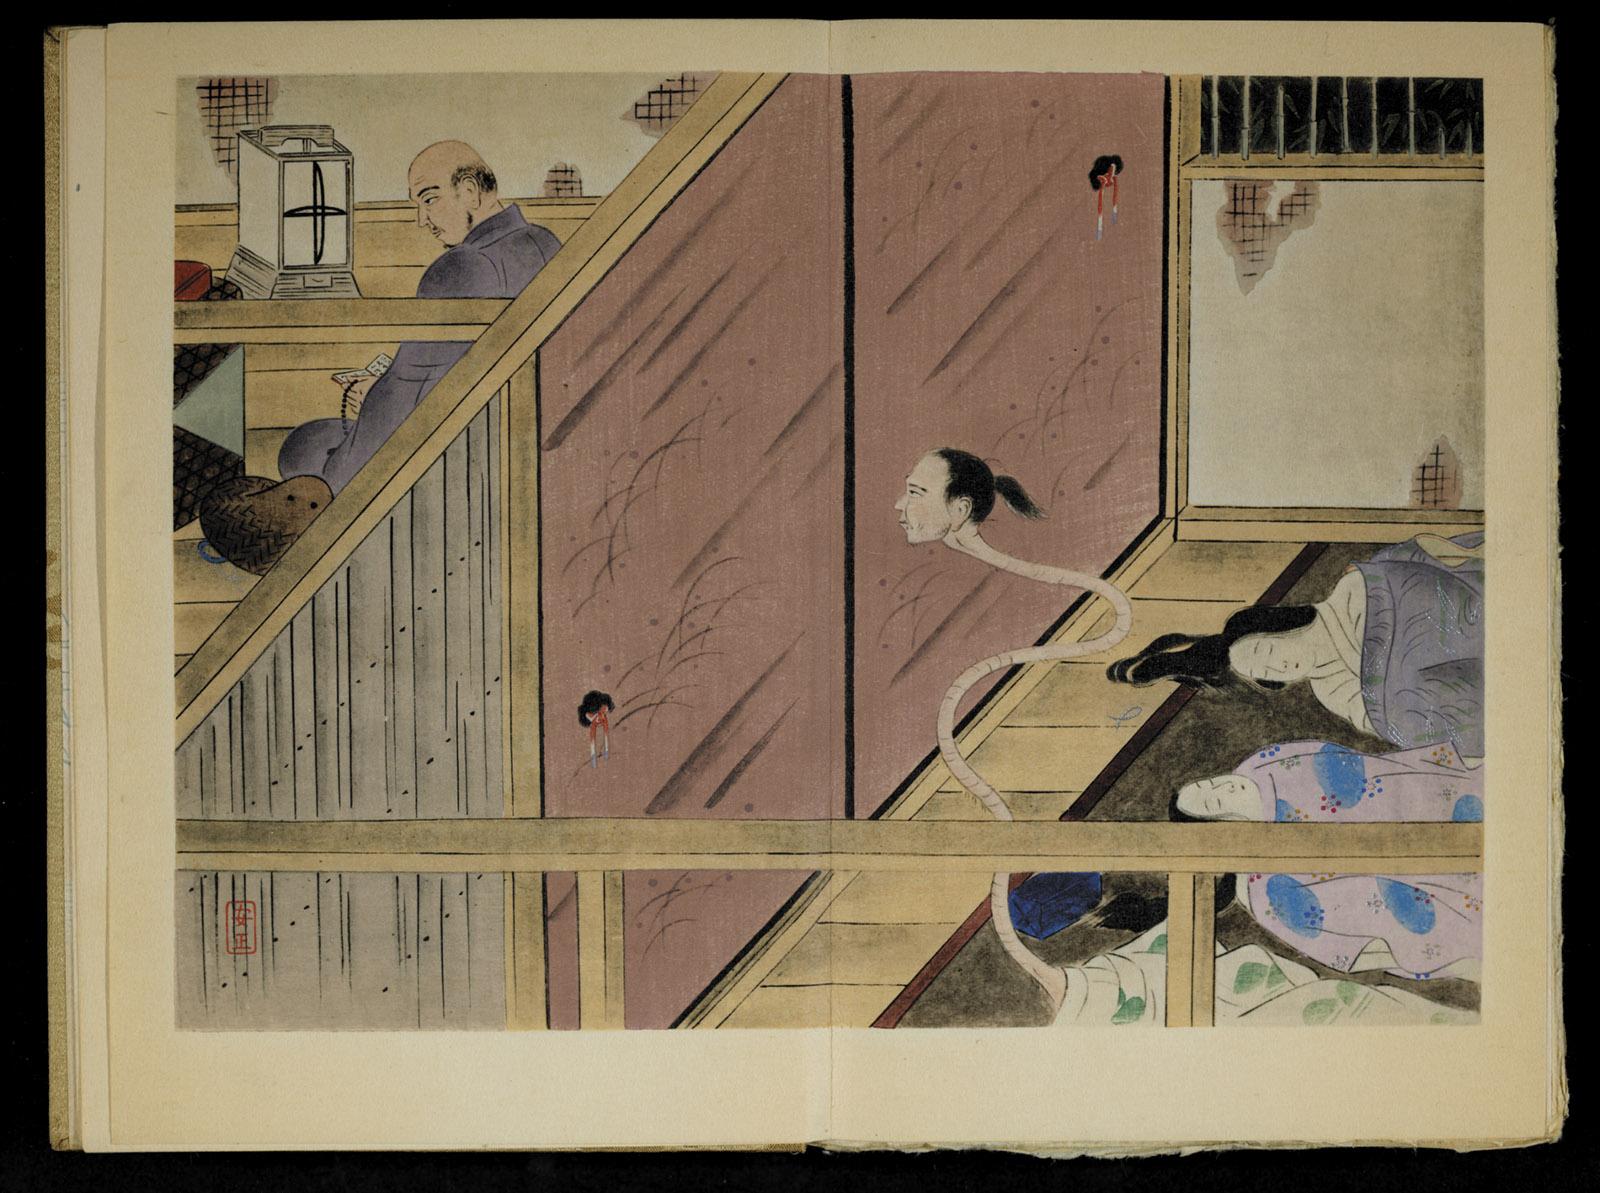 A scene from Lafcadio Hearn's story 'Rokuro-Kubi'